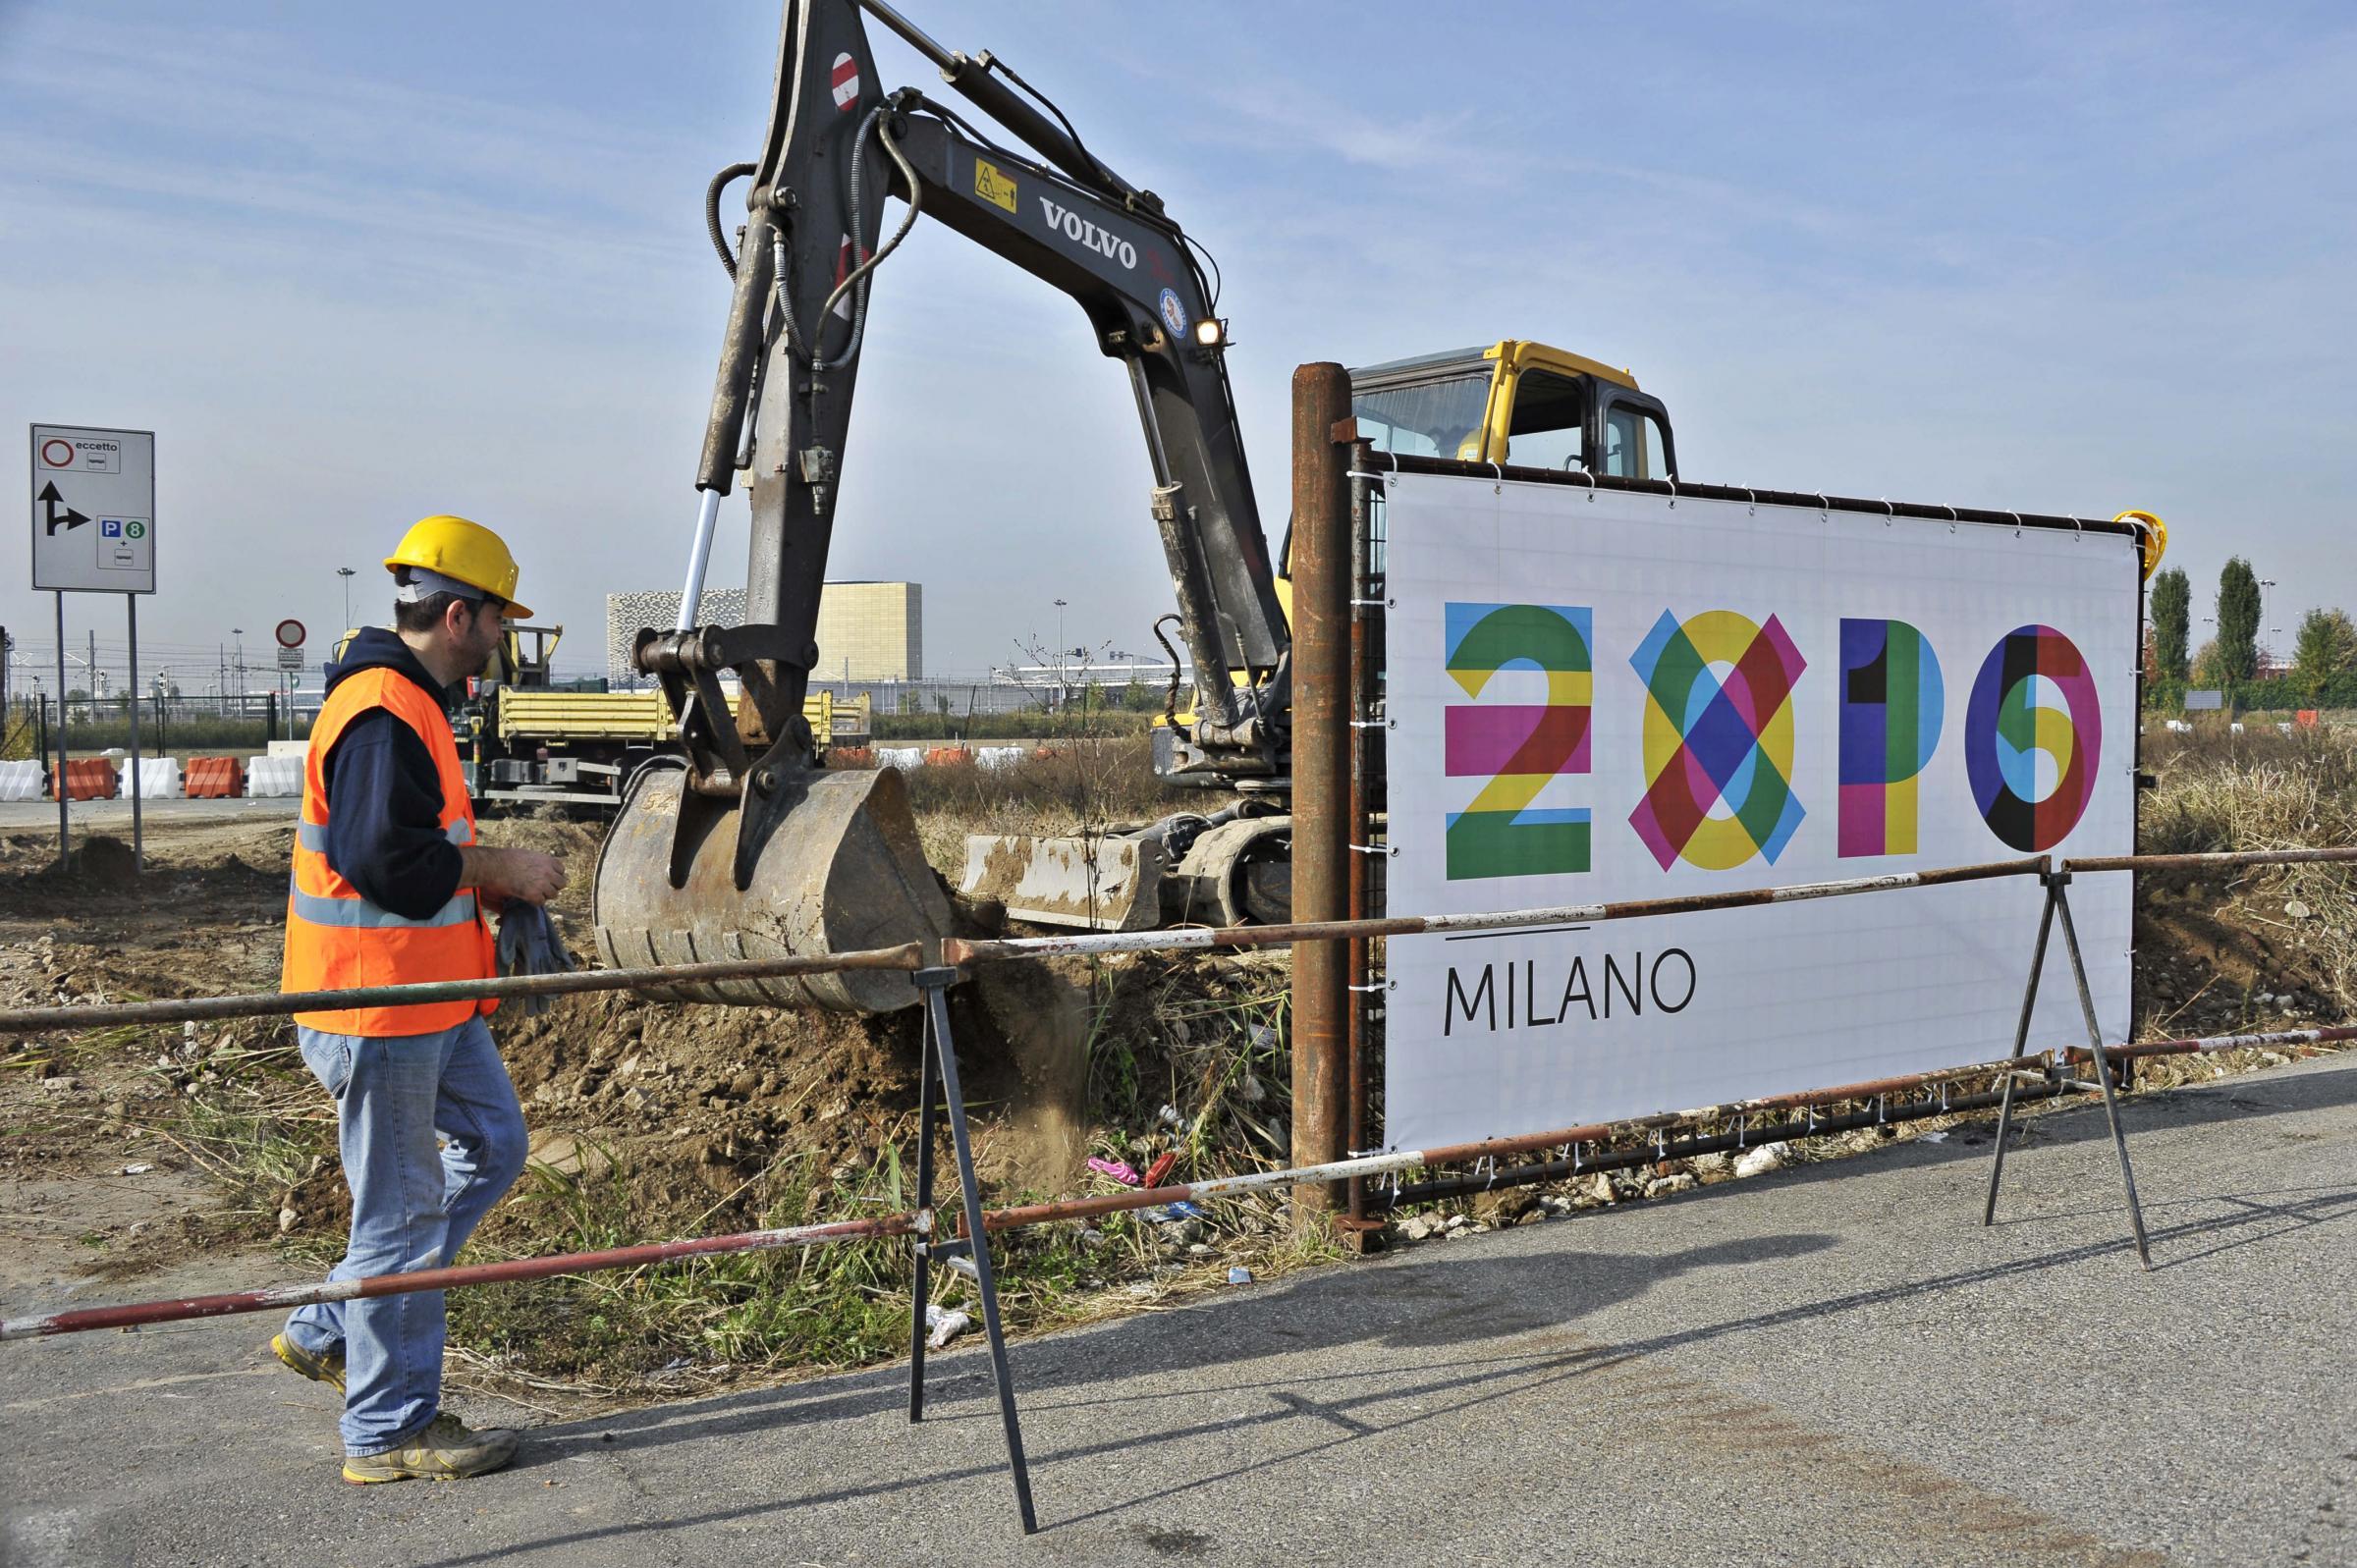 Expo, ritardi nei lavori ma Pisapia è ottimista: «Stiamo facendo miracoli»